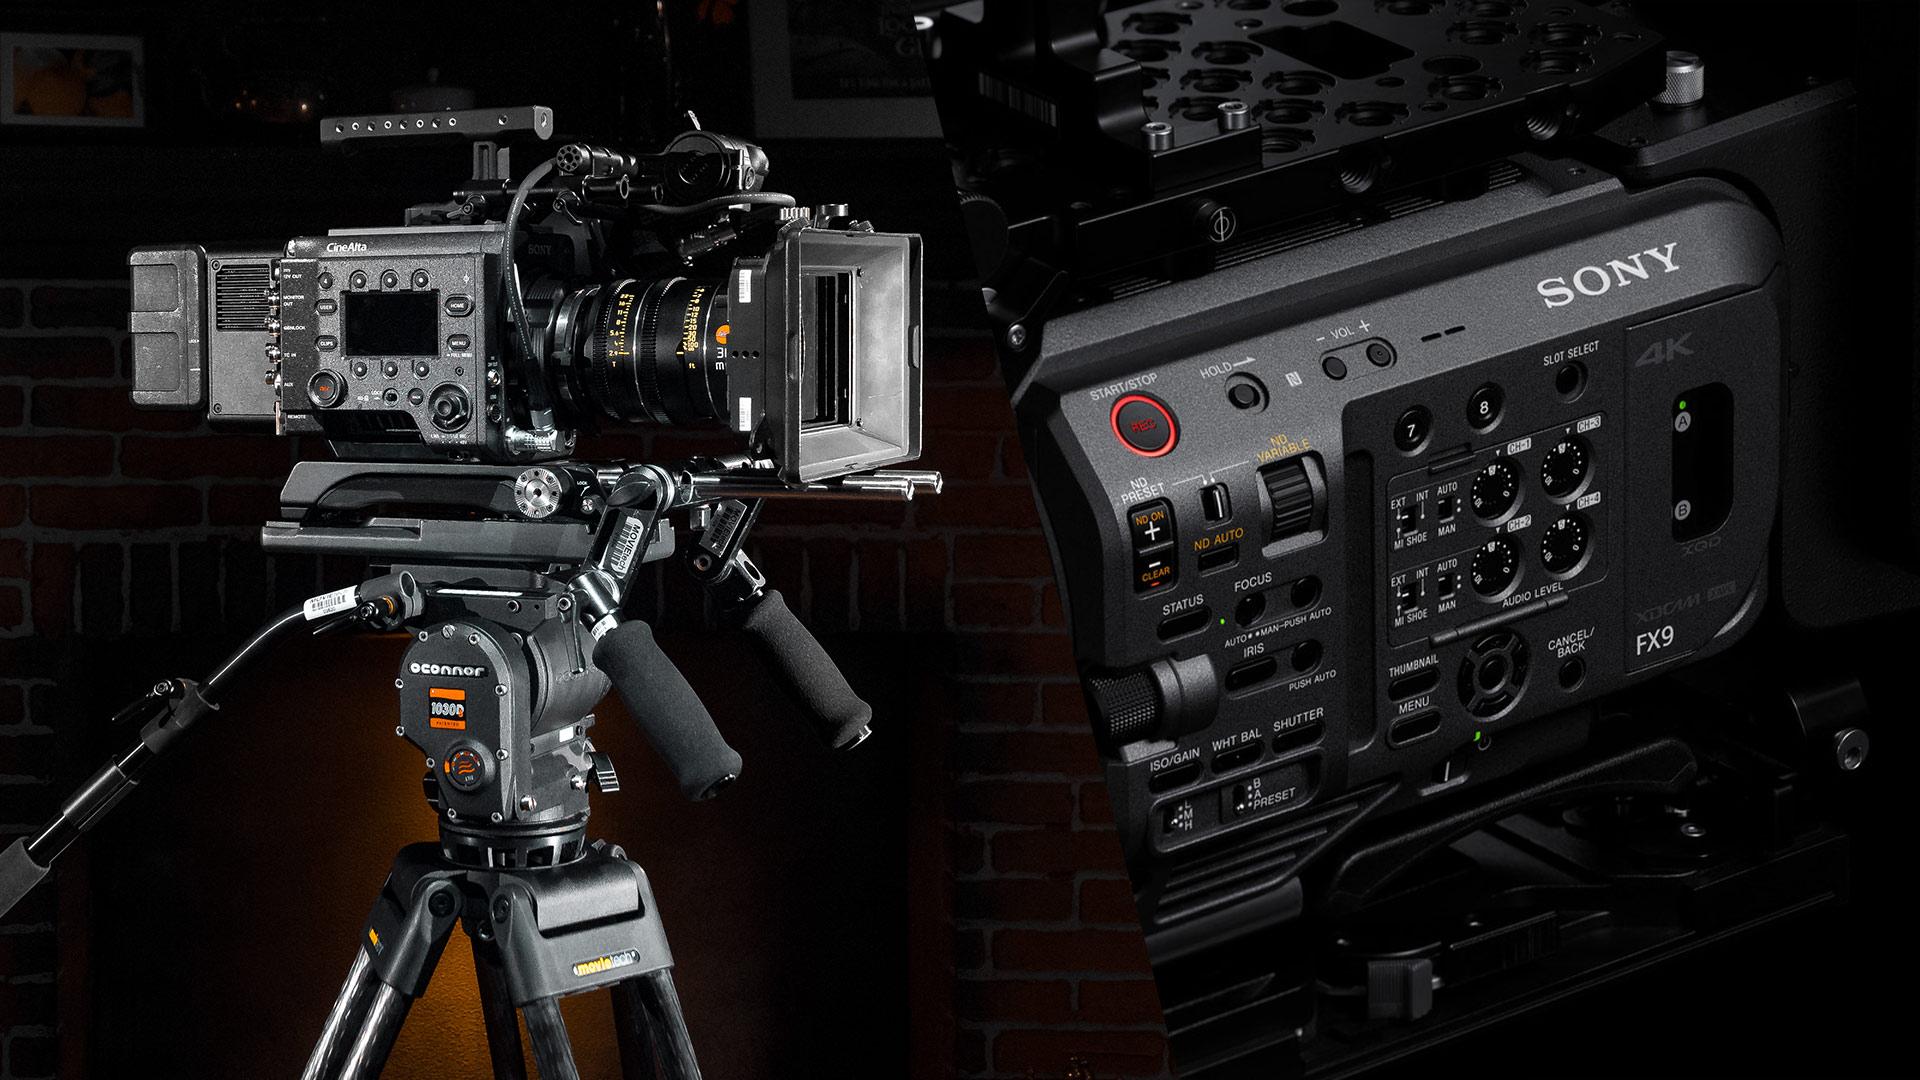 Sony anunció actualizaciones de firmware para sus cámaras full-frame FX9 y VENICE